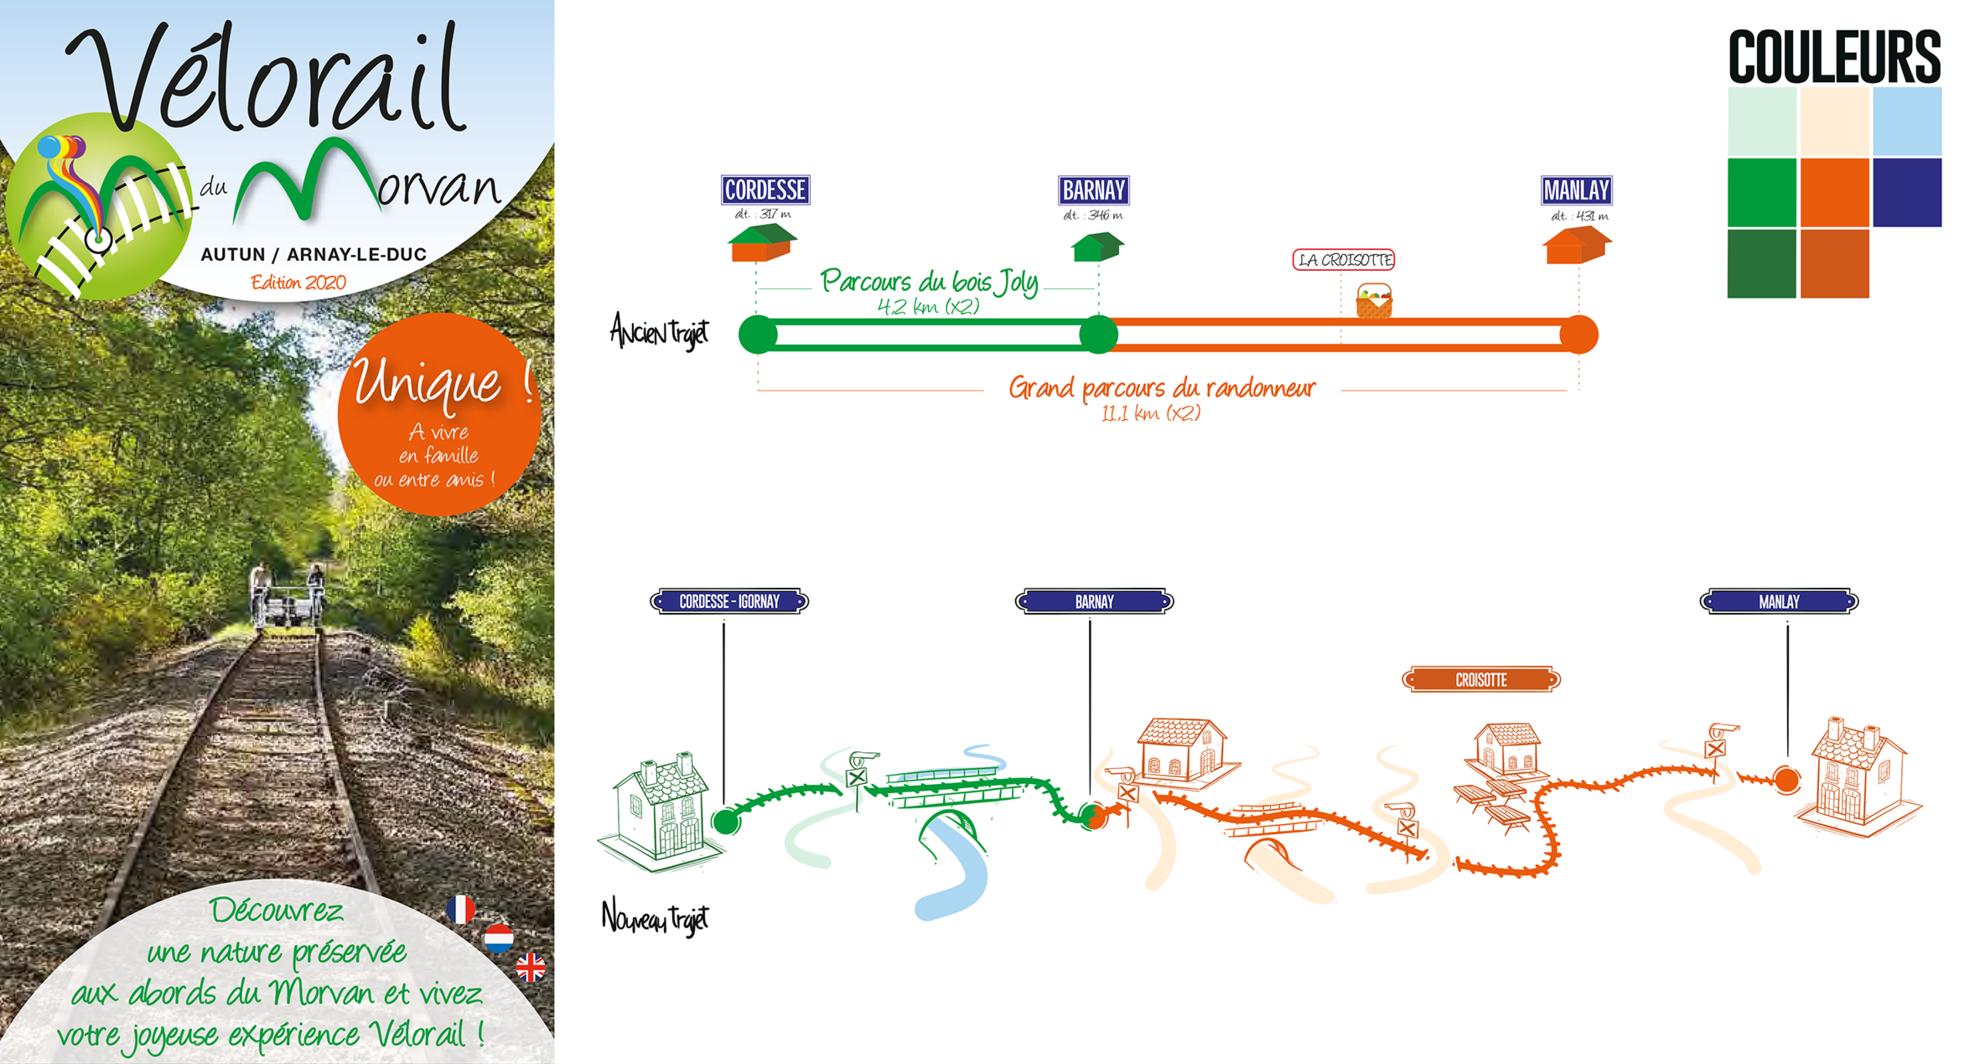 Evolution du trajet dans un flyer